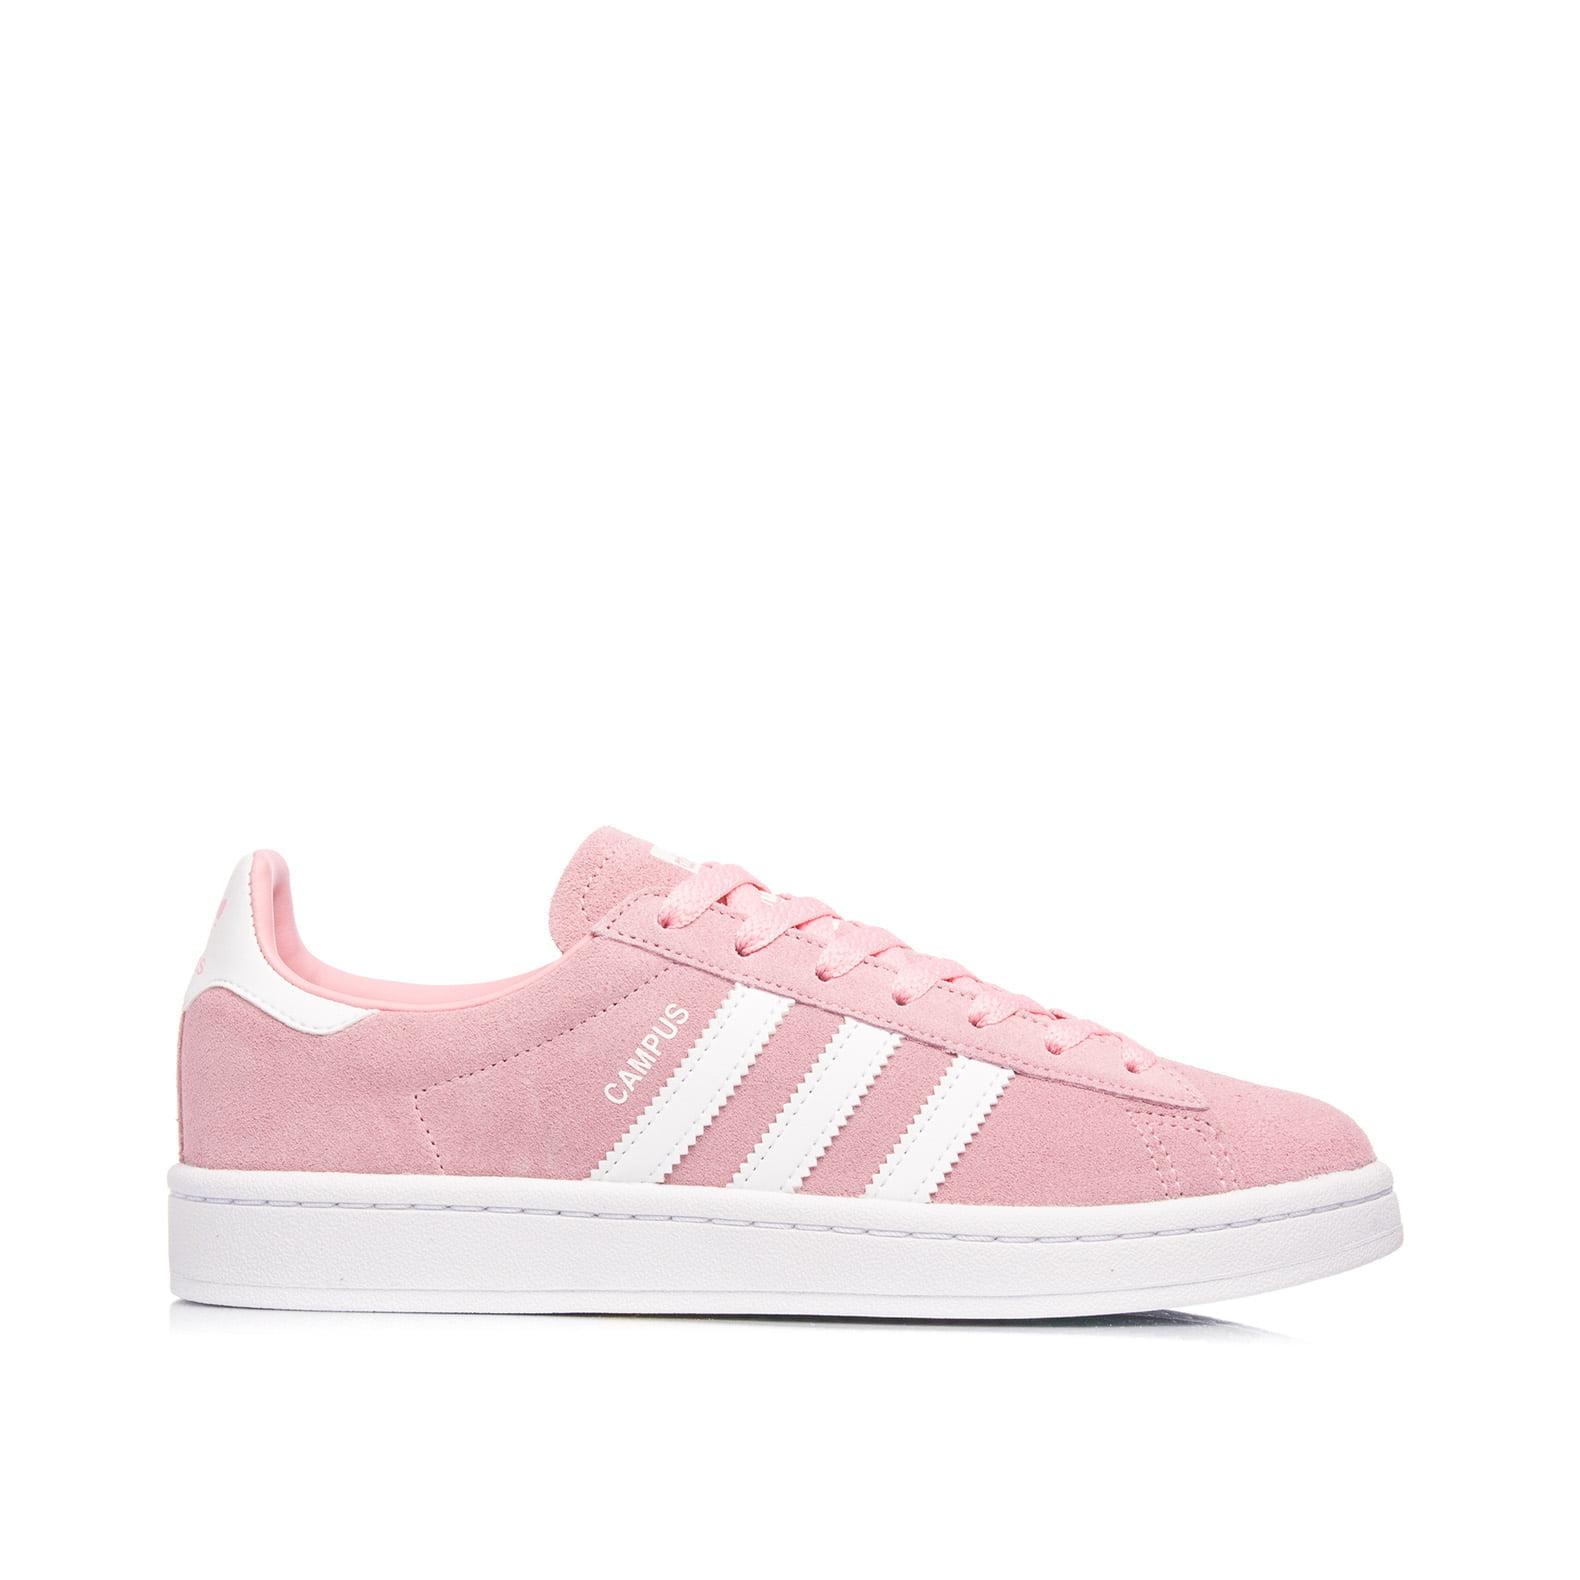 f4d3d97c779879 Купить оригинальные кроссовки adidas Originals Campus W Pink — цены ...